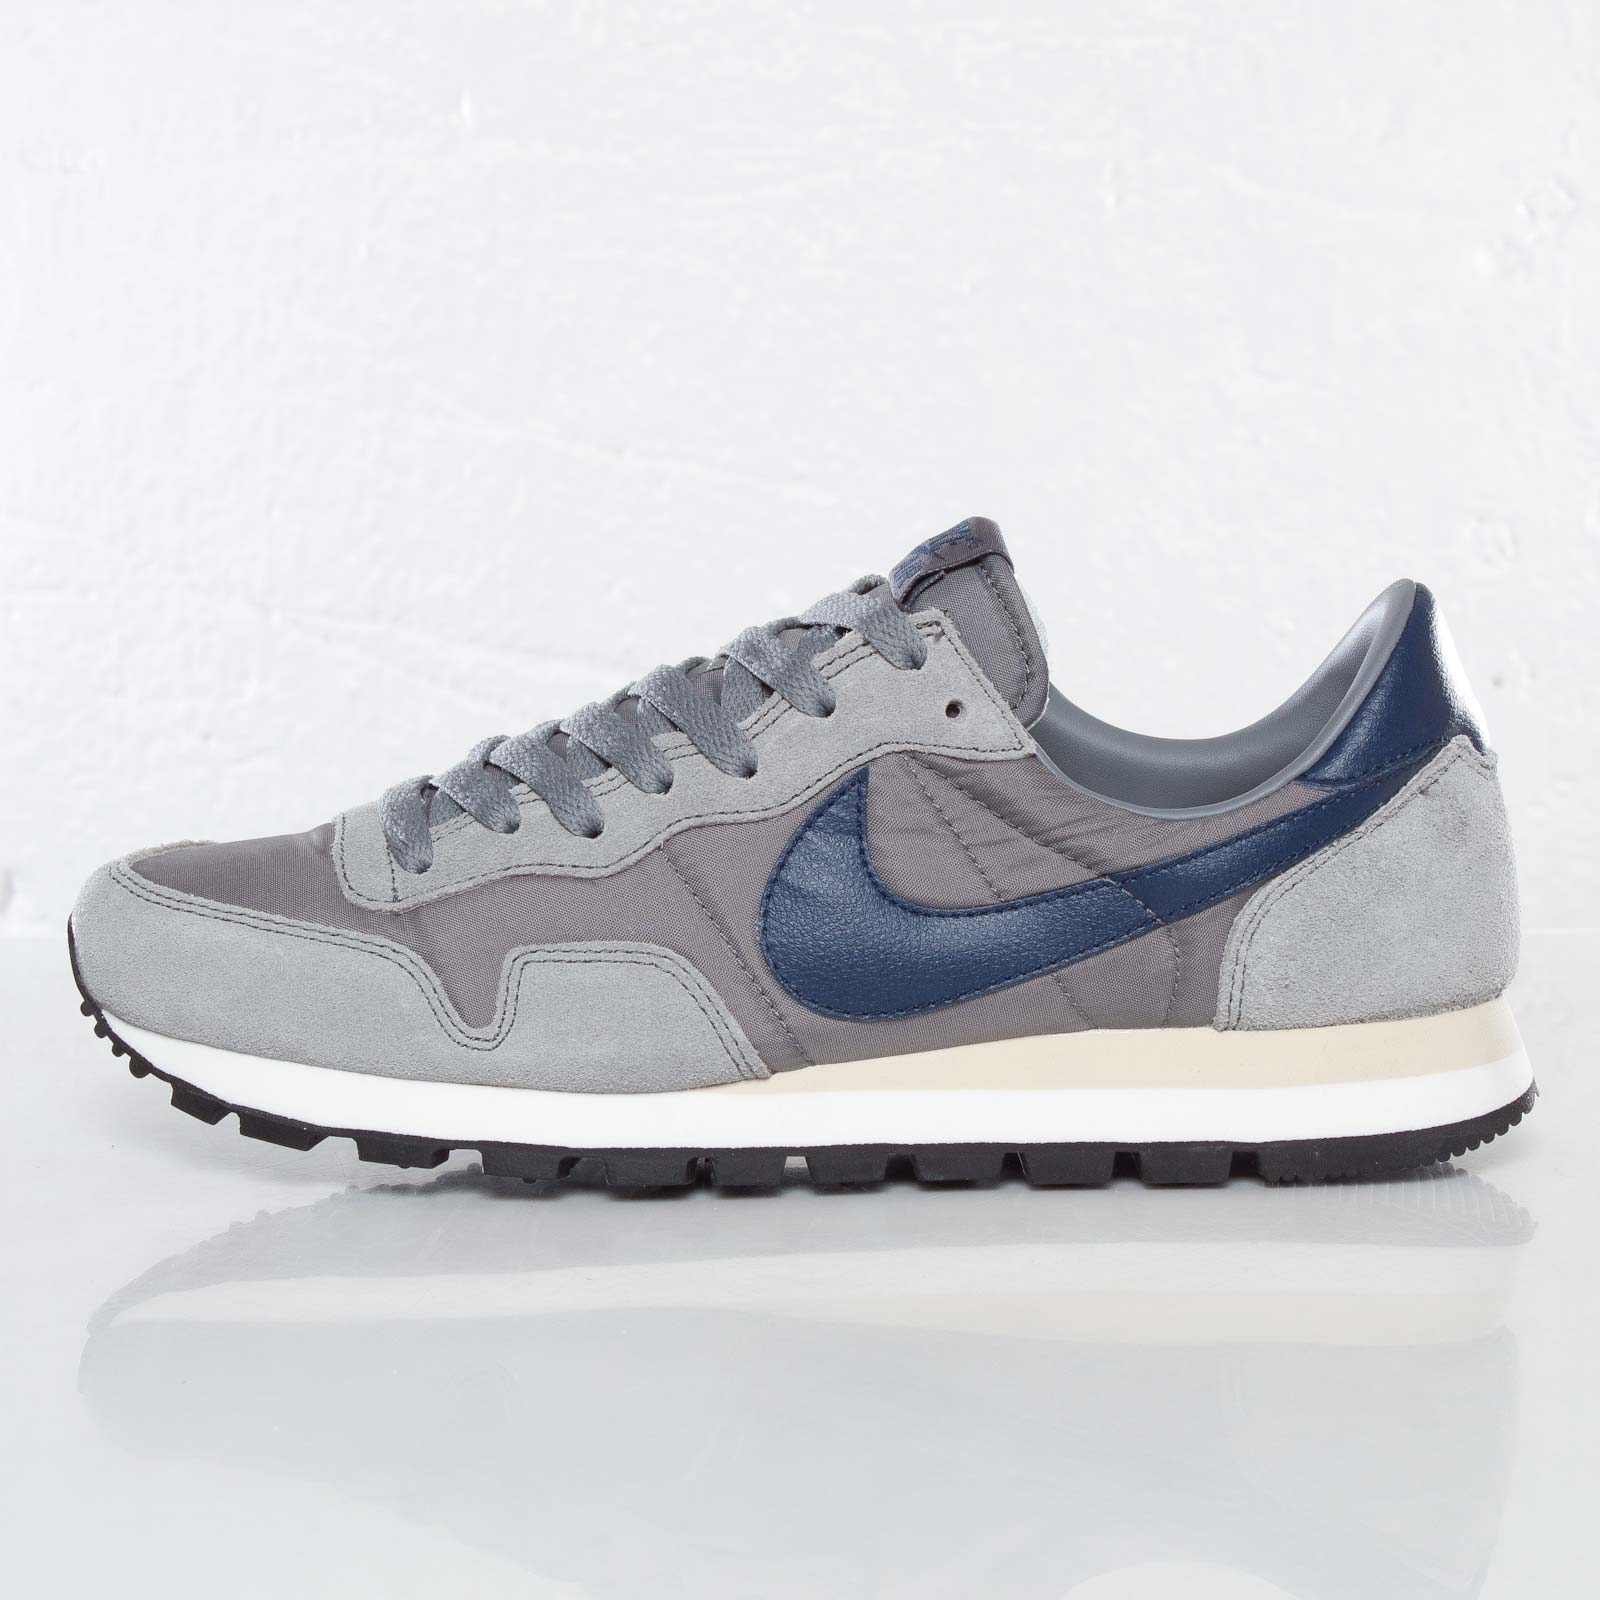 7b51cd0a9beb Nike Air Pegasus 83 QS - 604838-001 - Sneakersnstuff